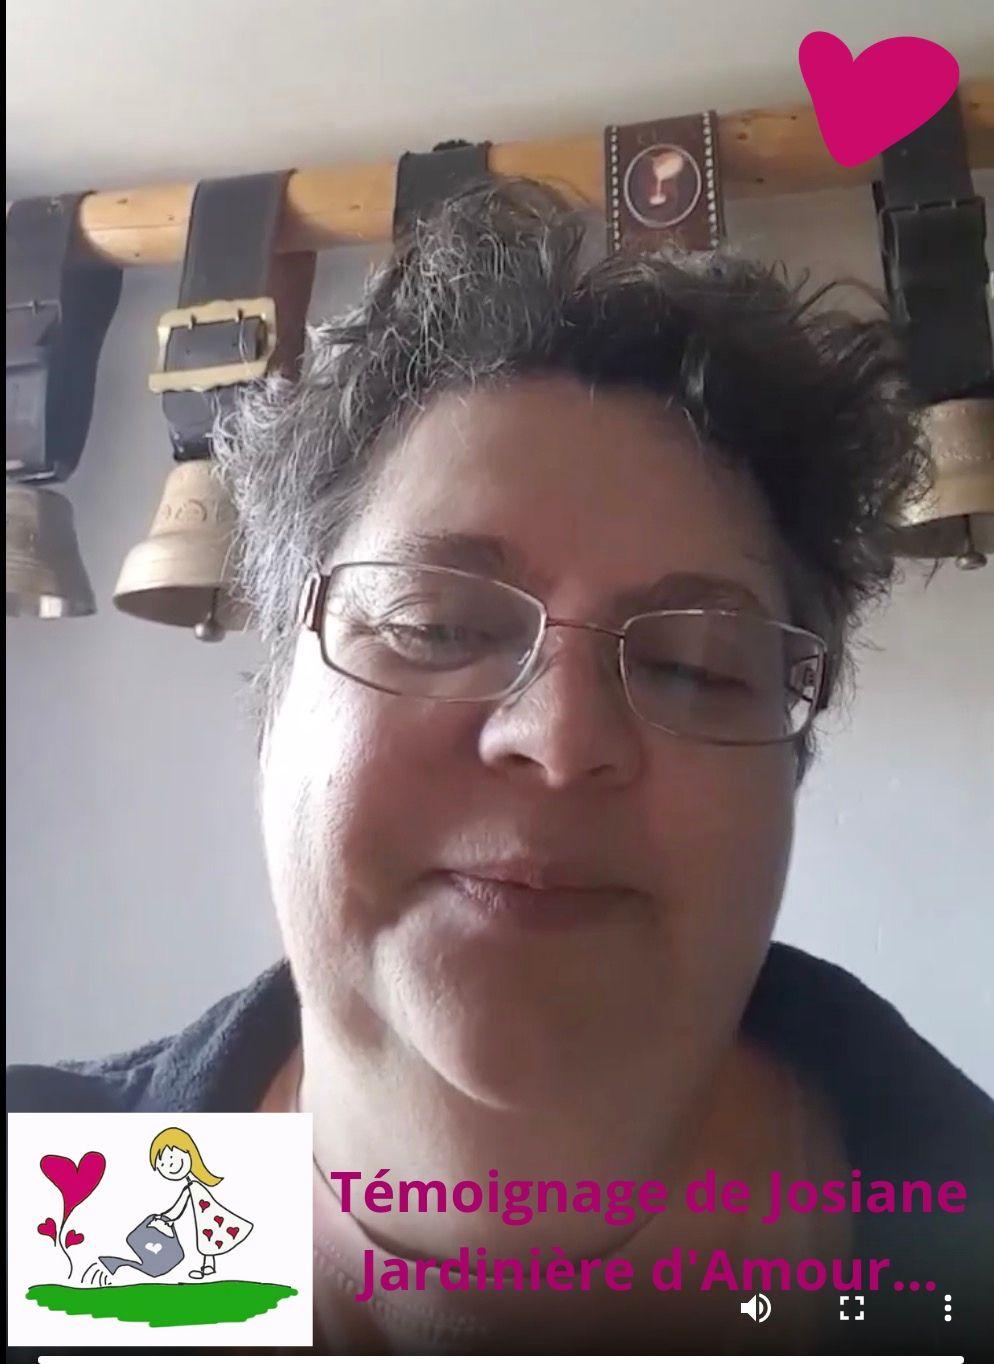 josiane témoigne en vidéo et aime